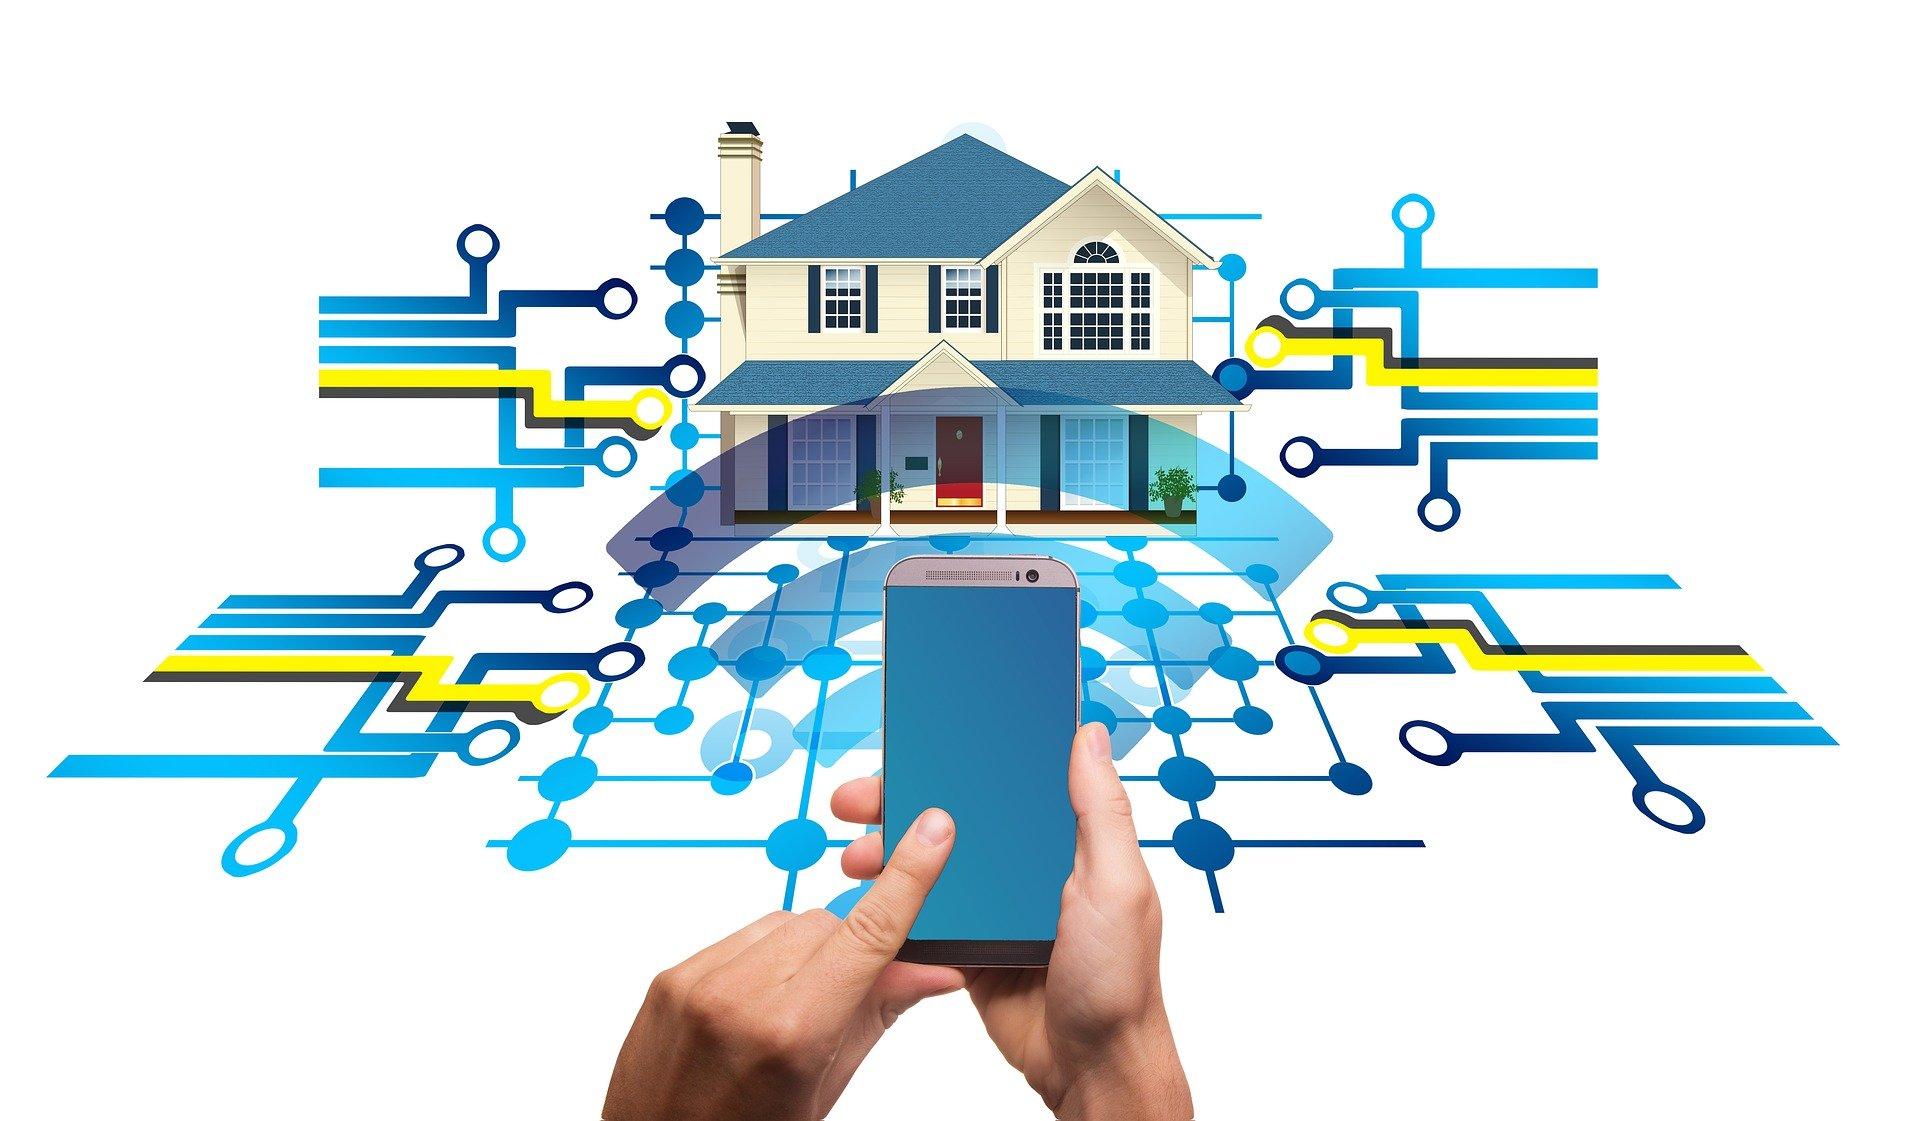 مستقبل المنازل الذكية - كيف تعمل المنازل الذكية؟